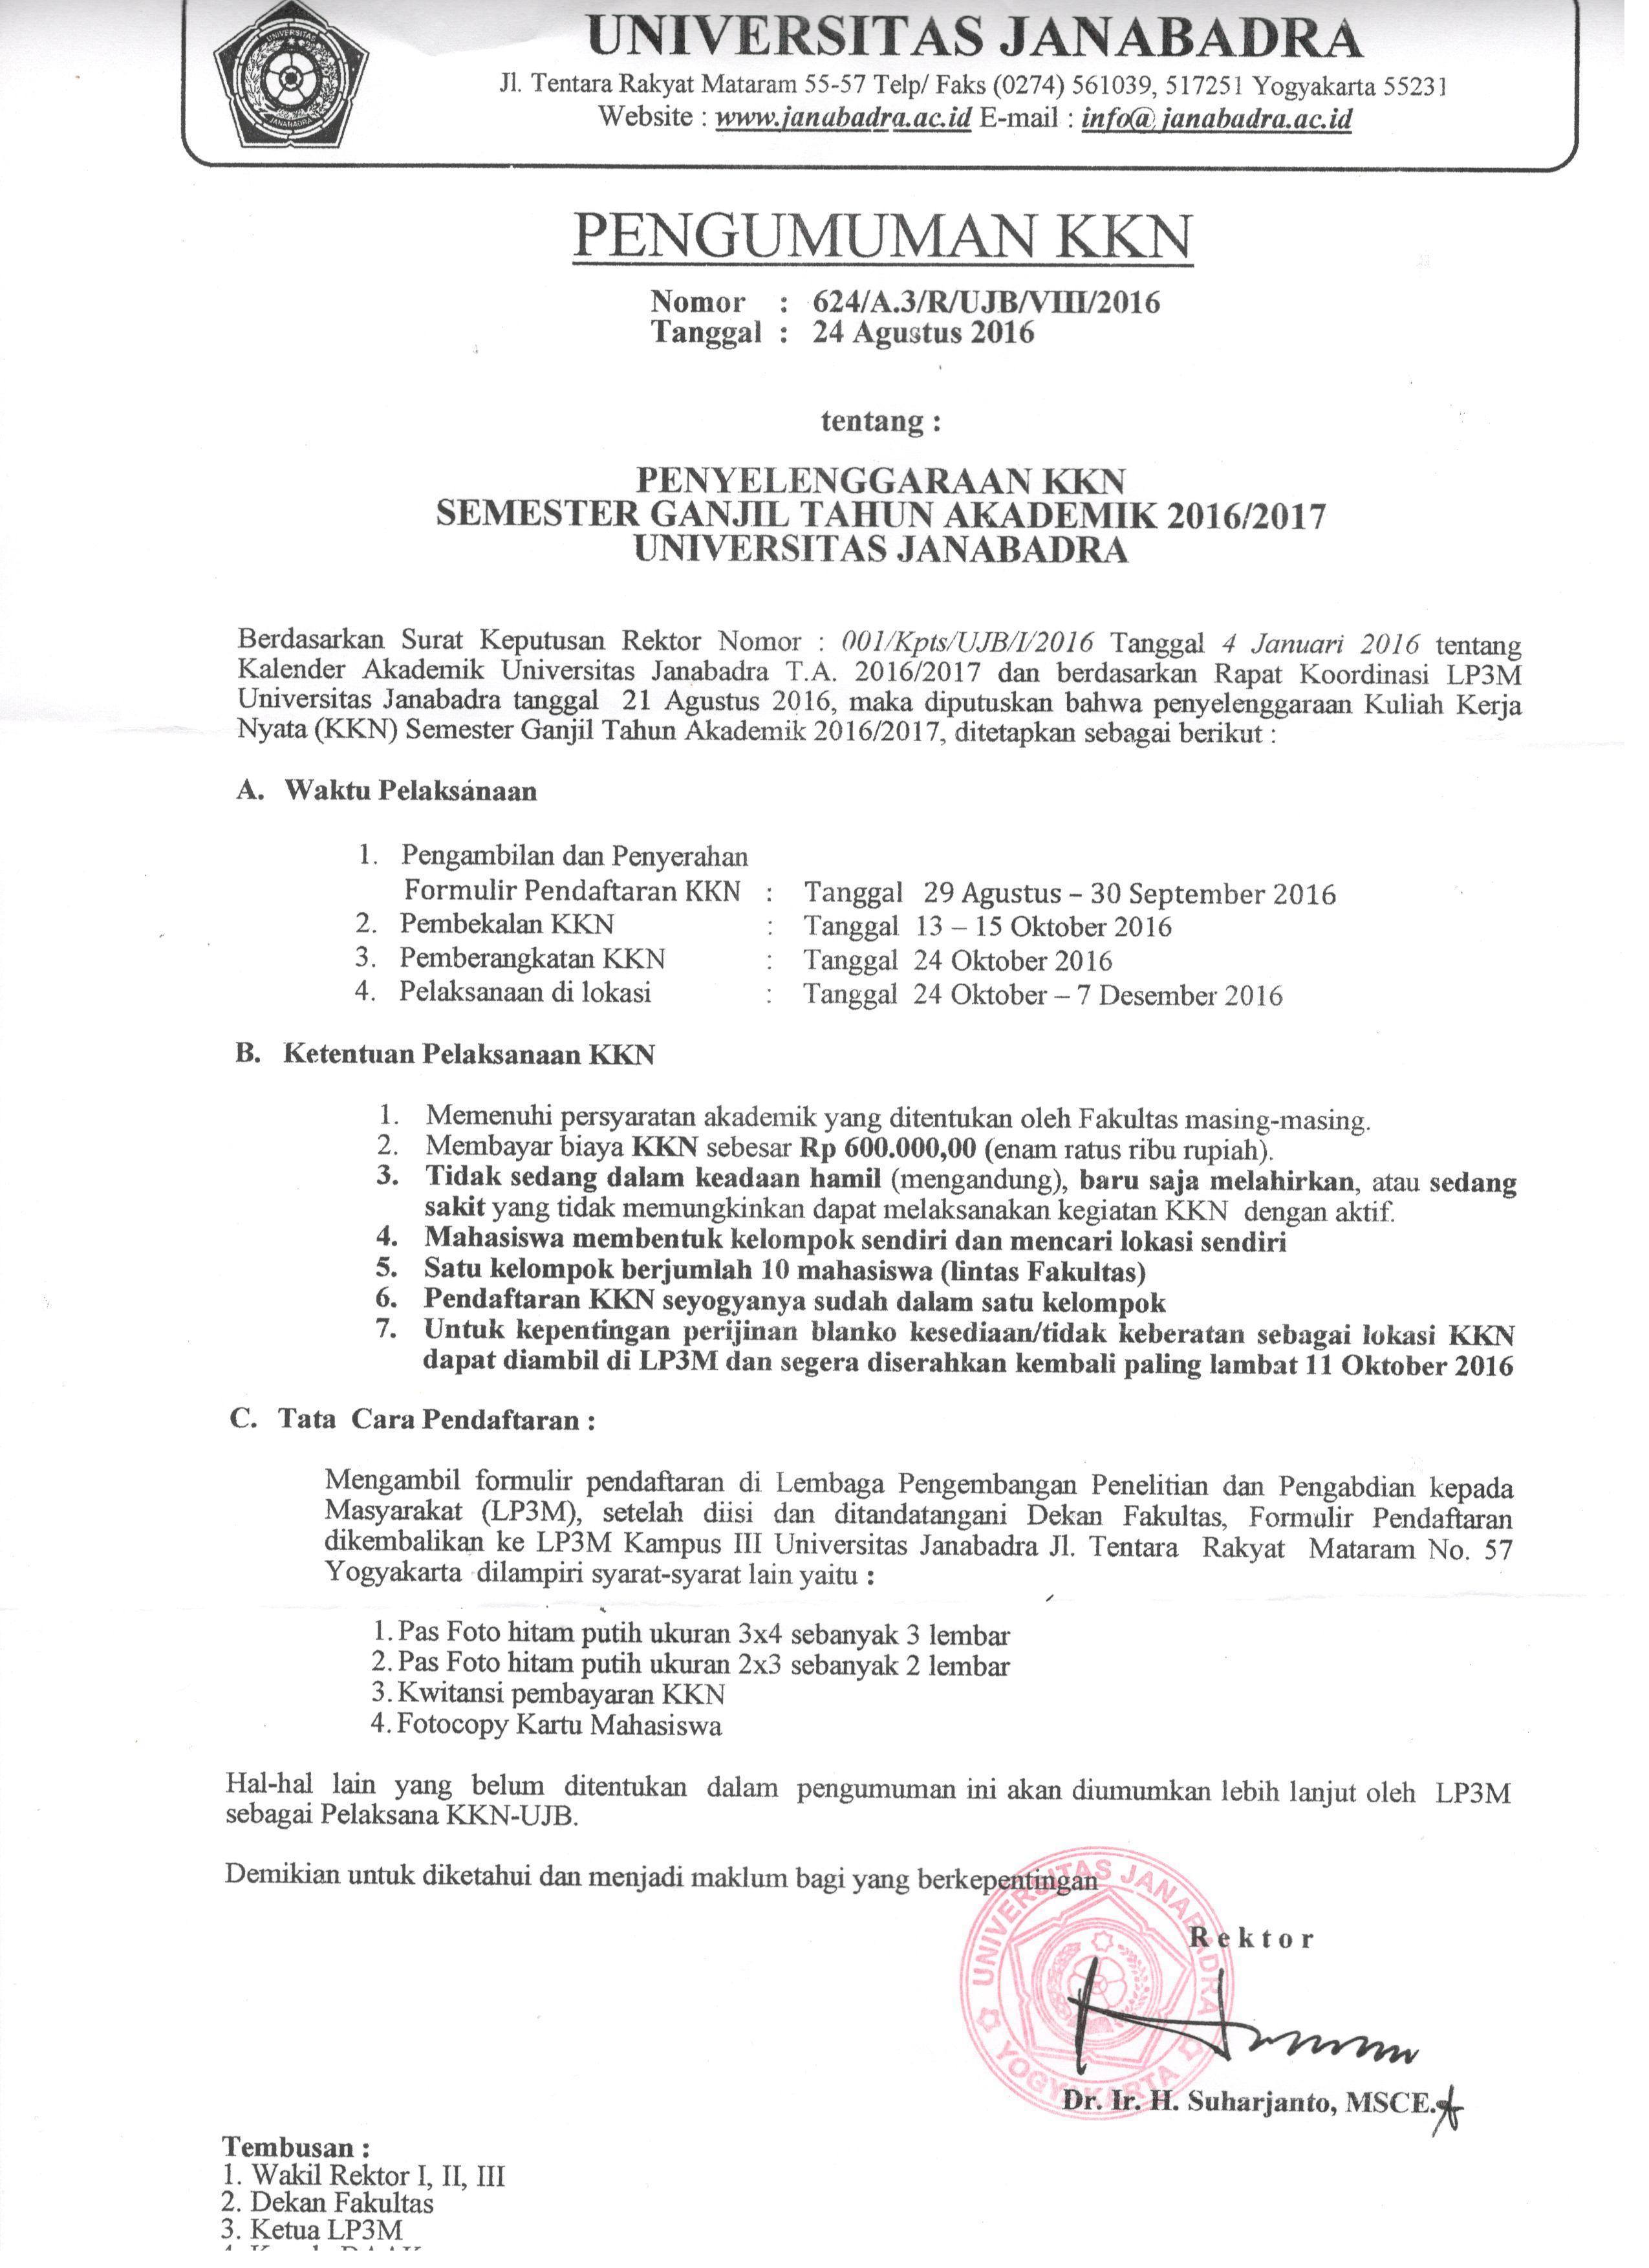 PENGUMUMAN KKN SEMESTER GANJIL 2016/2017